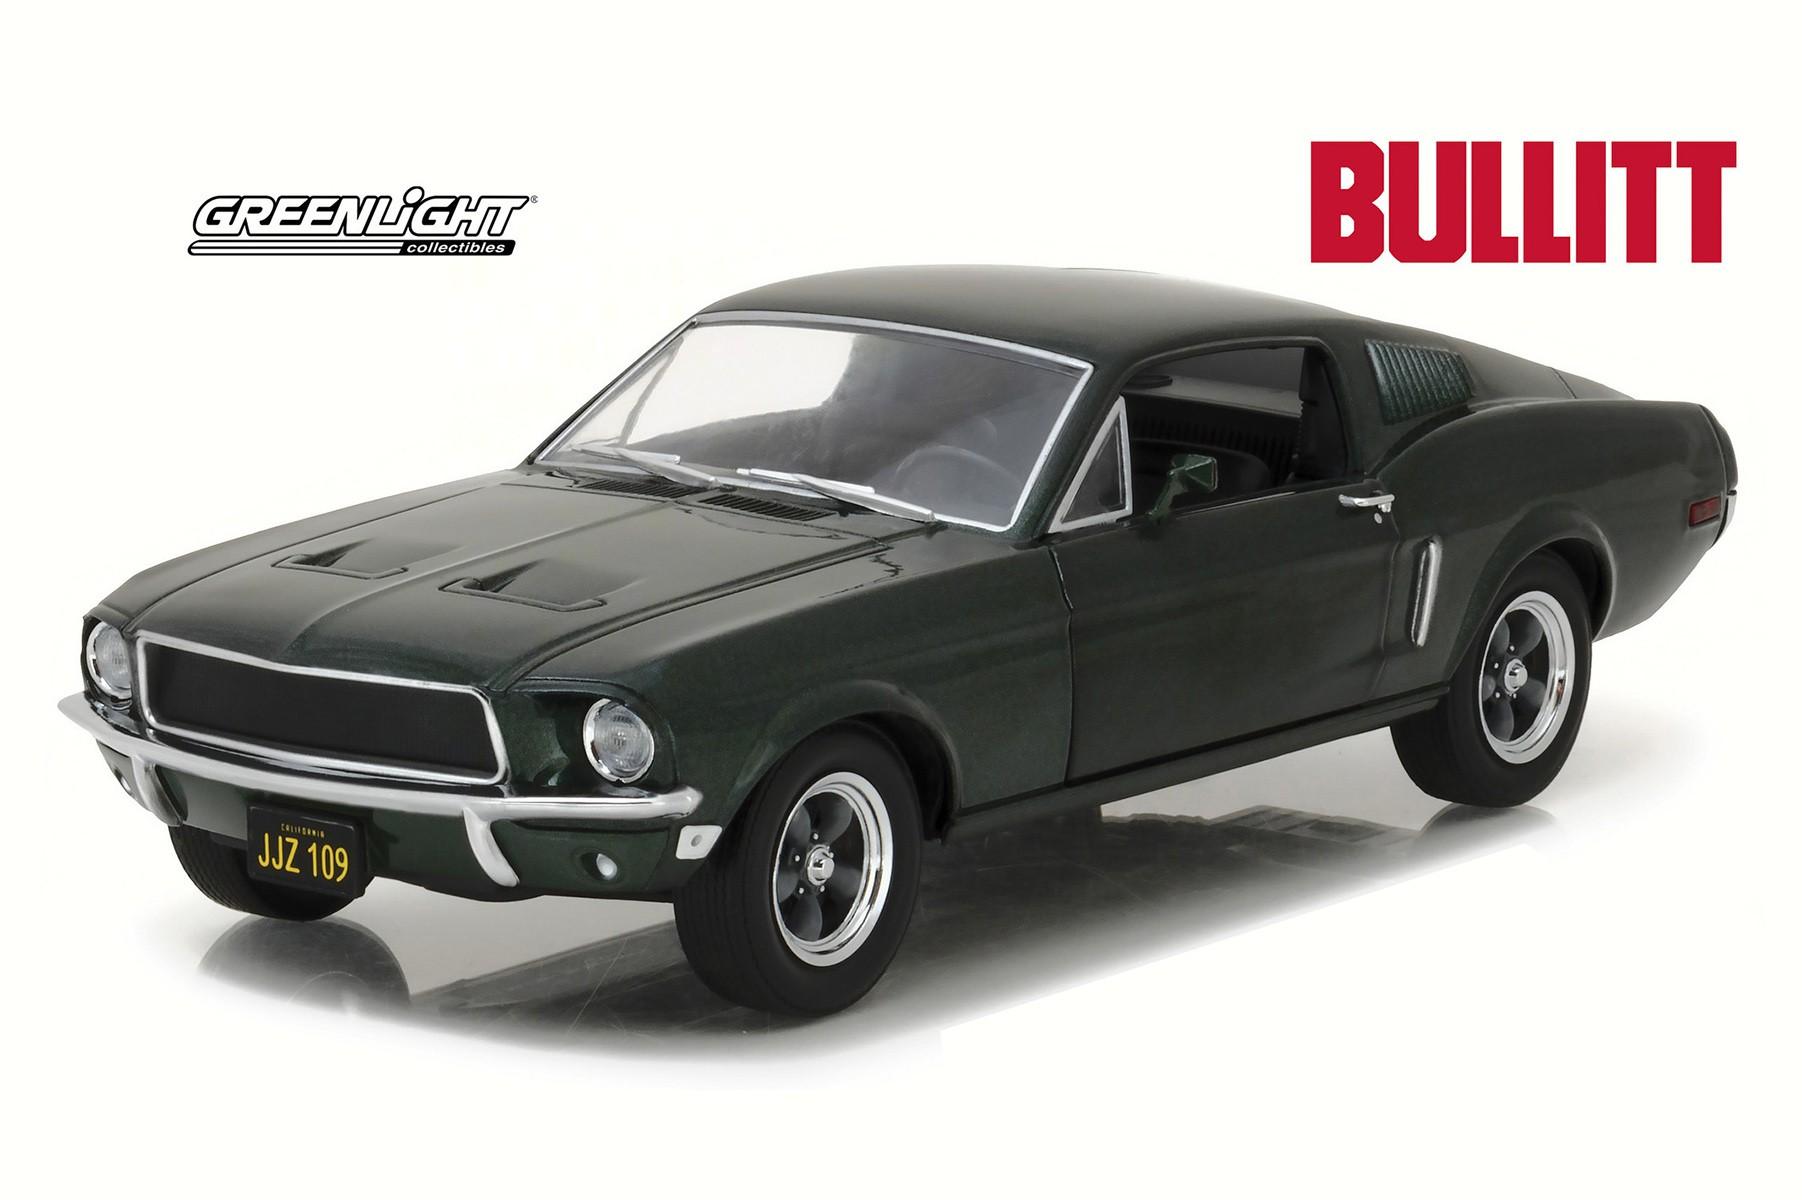 84041-gl-hollywood-s4-124-1968-mustang-bullitt-1.jpg